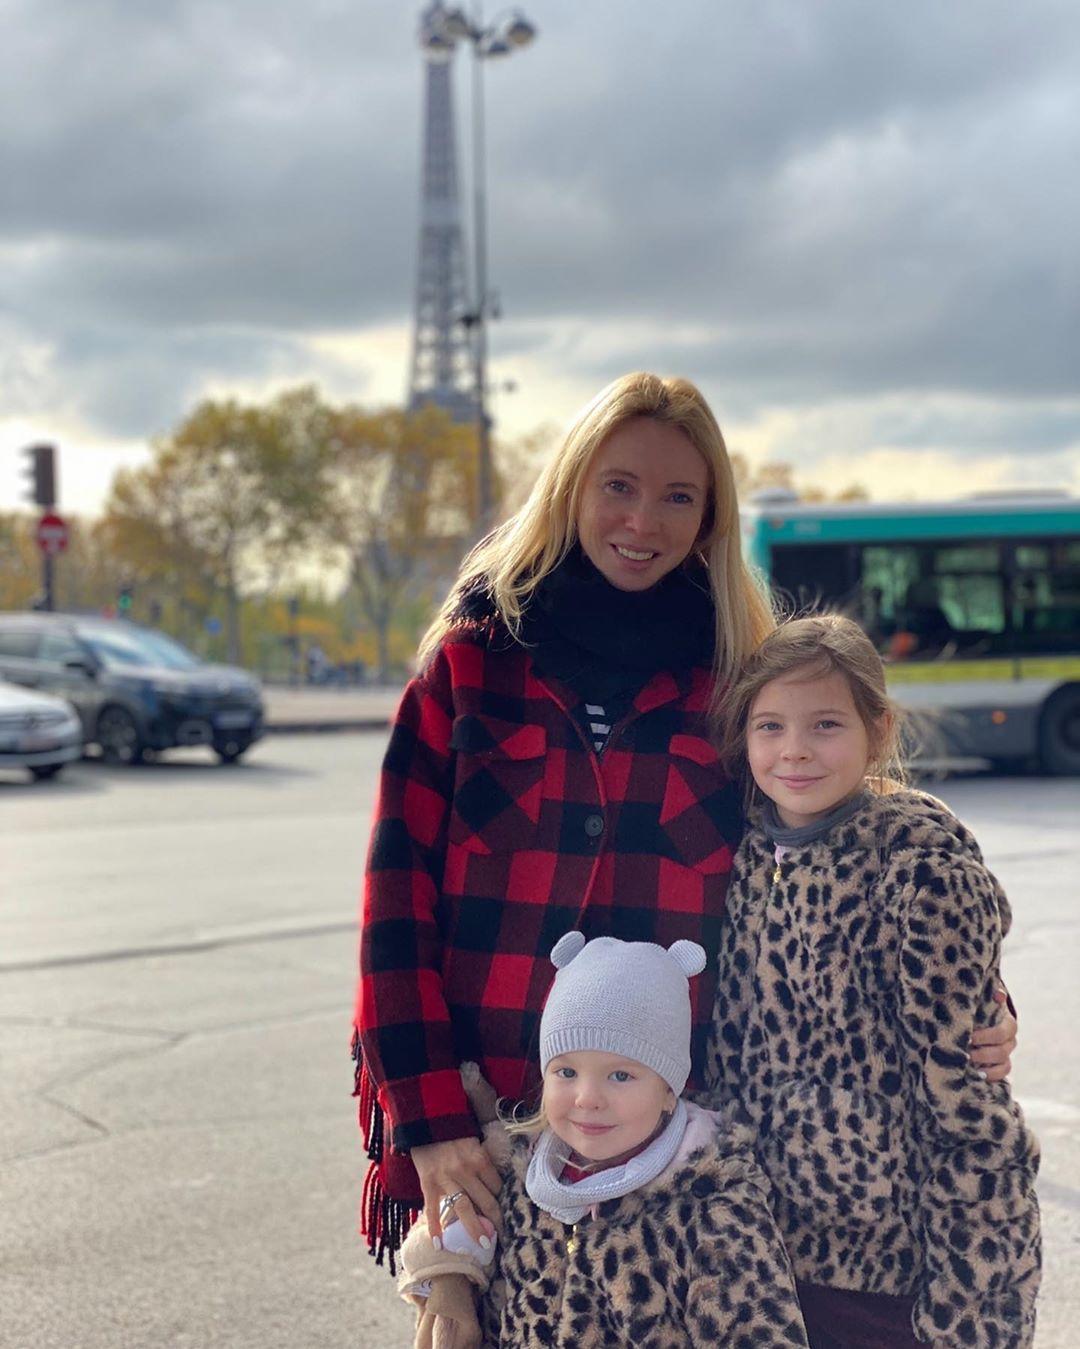 Татьяна Тотьмянина и сама носит эко-мех, и дочек нарядила по моде.